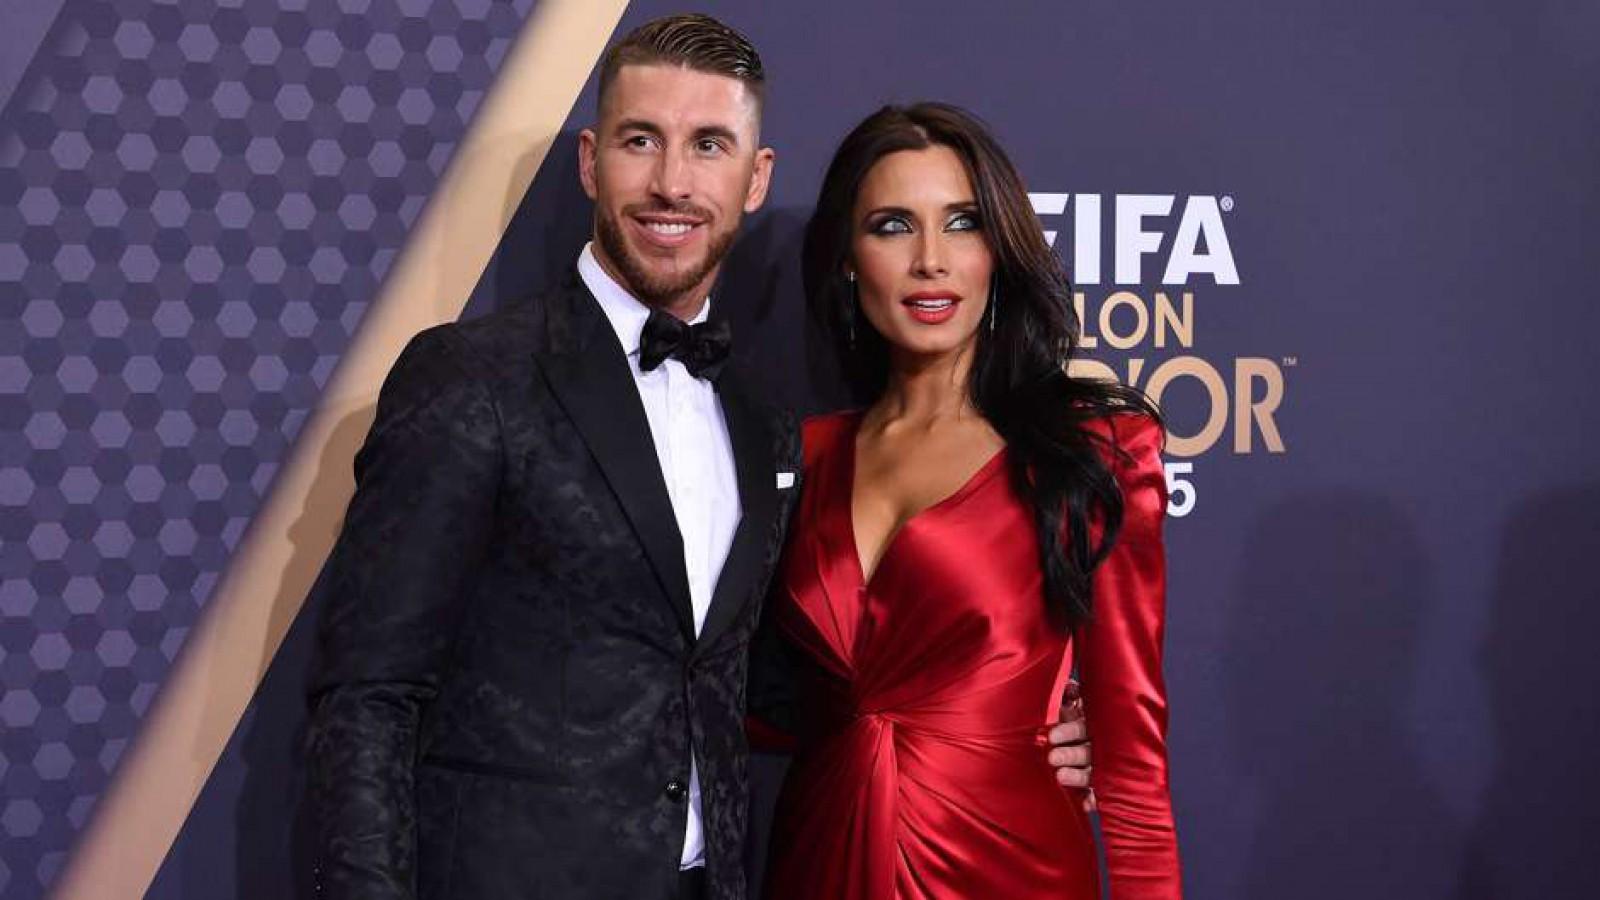 (foto) Sergio Ramos a reușit un hattrick! Fundașul Realului a devenit tată pentru a treia oară